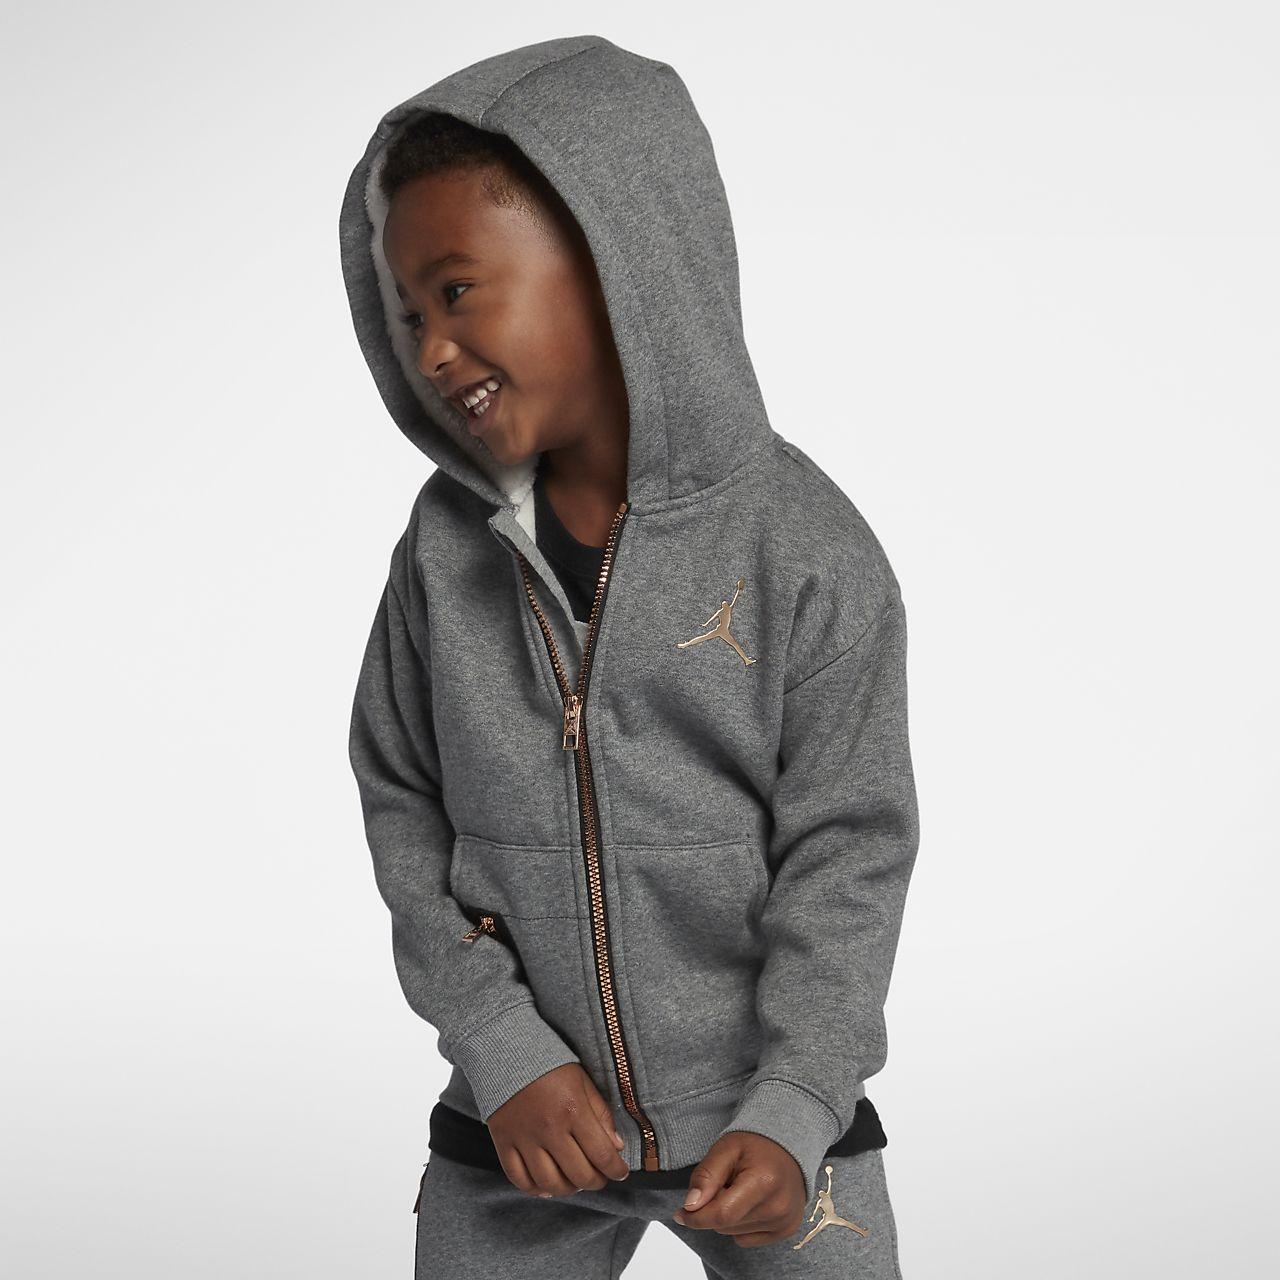 Jordan Hoodie mit durchgehendem Reißverschluss für jüngere Kinder